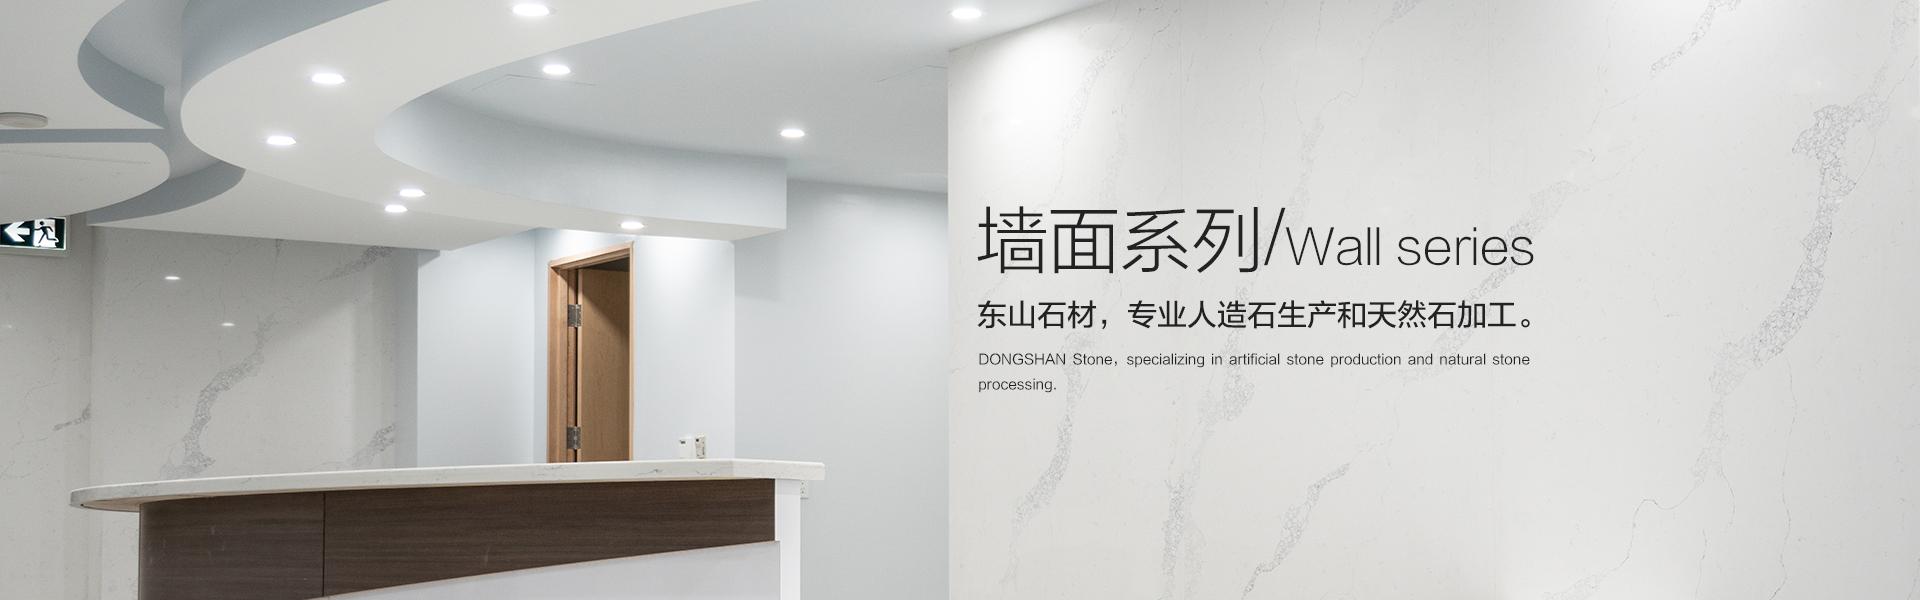 云浮東山石材是一家集花紋板石英石、玻璃系列石英石、米黃石英石、石英石定制的廠家